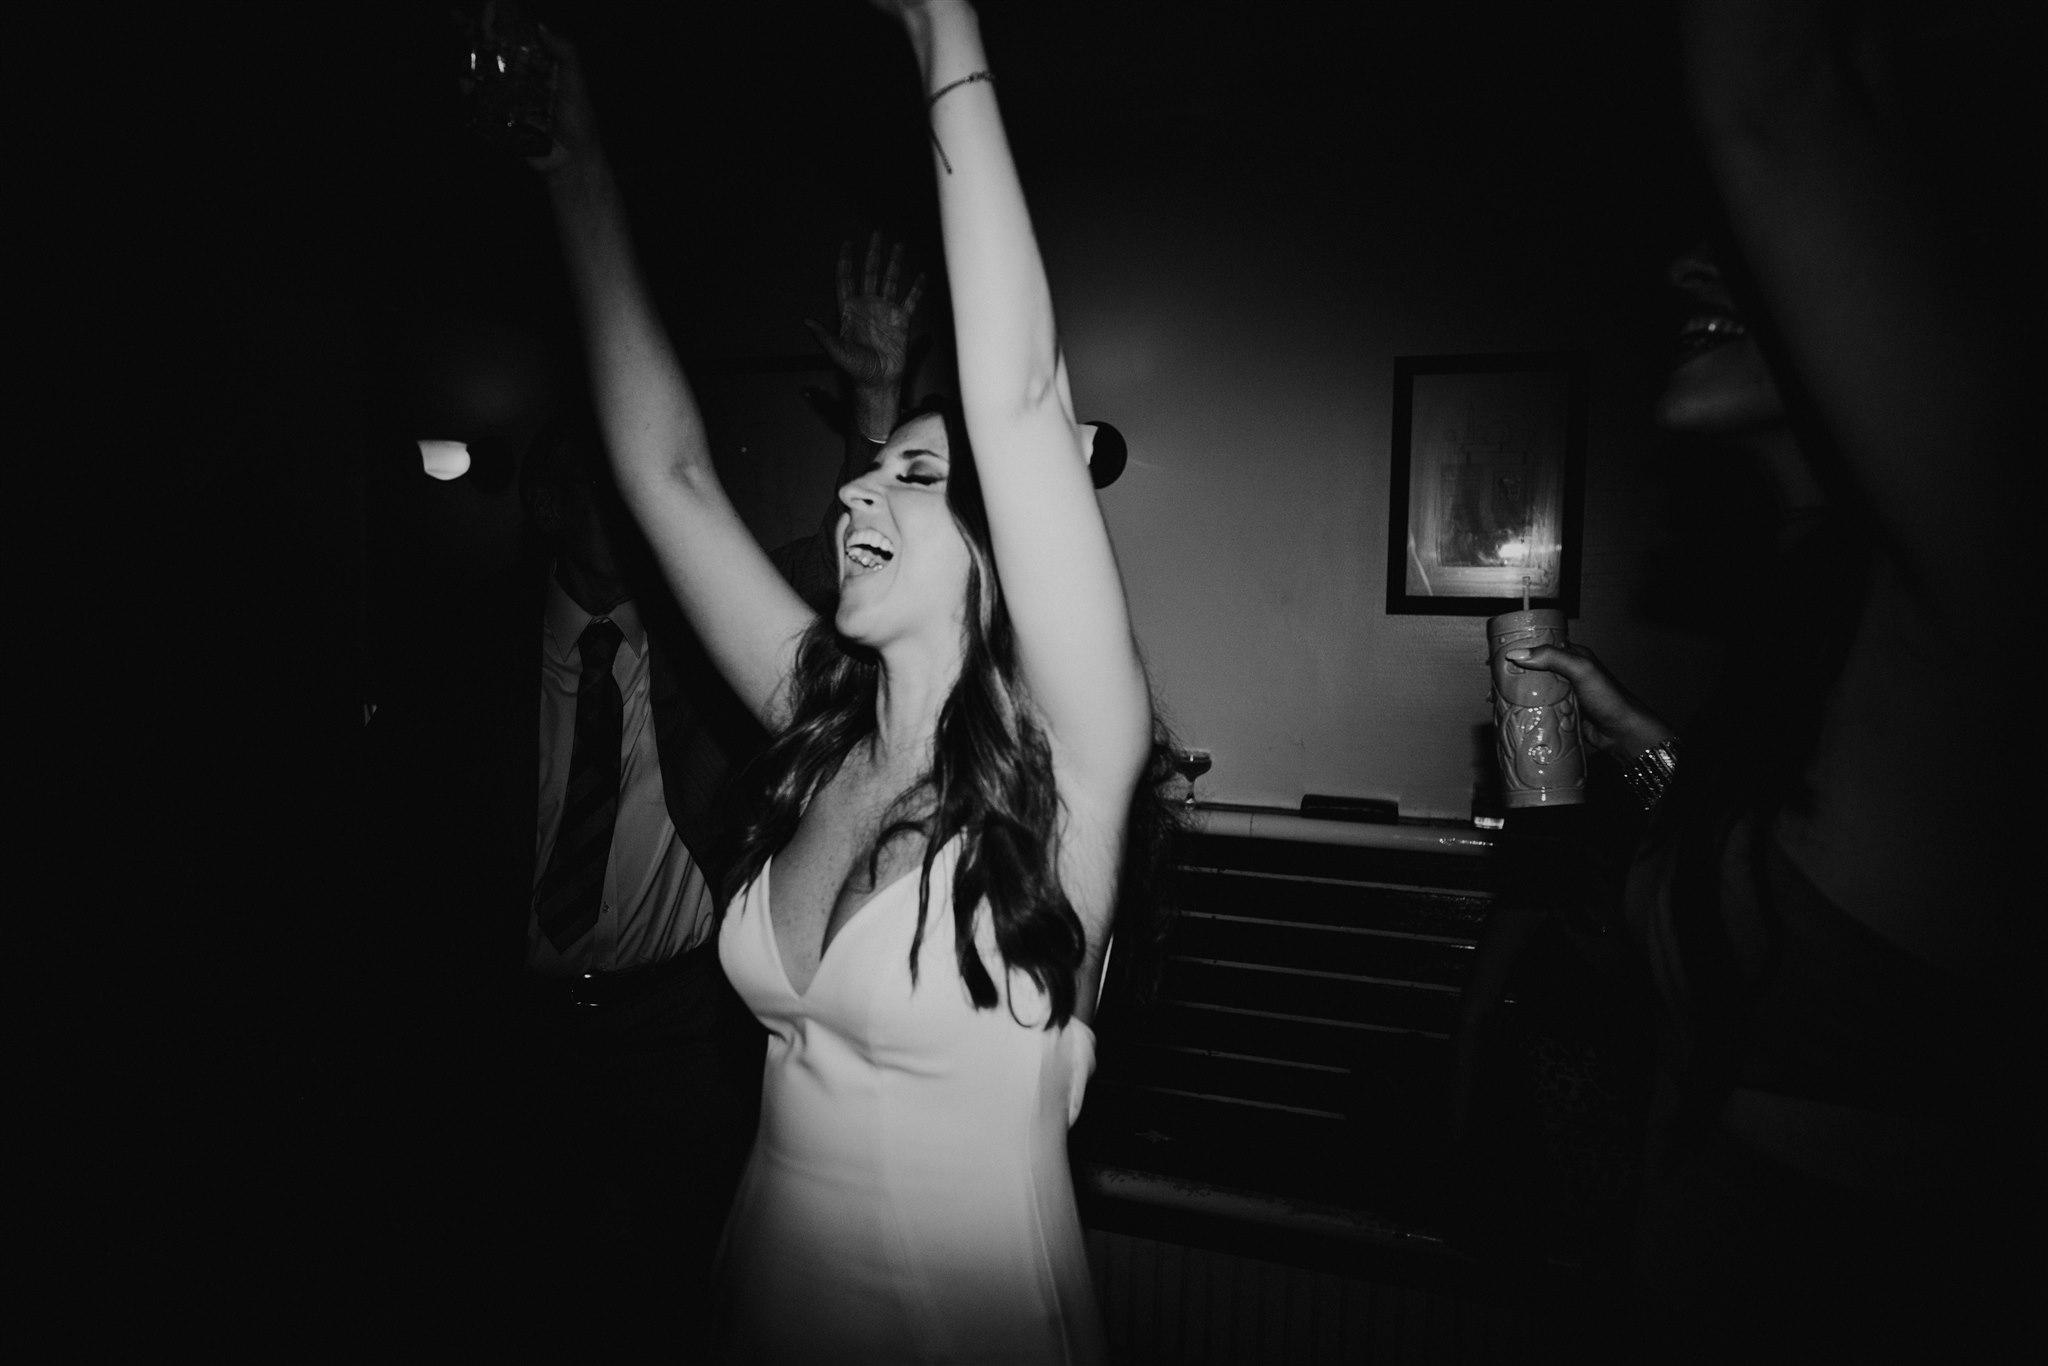 Chellise_Michael_Photography_Ramona_Brooklyn_Wedding_Photographer-785.jpg